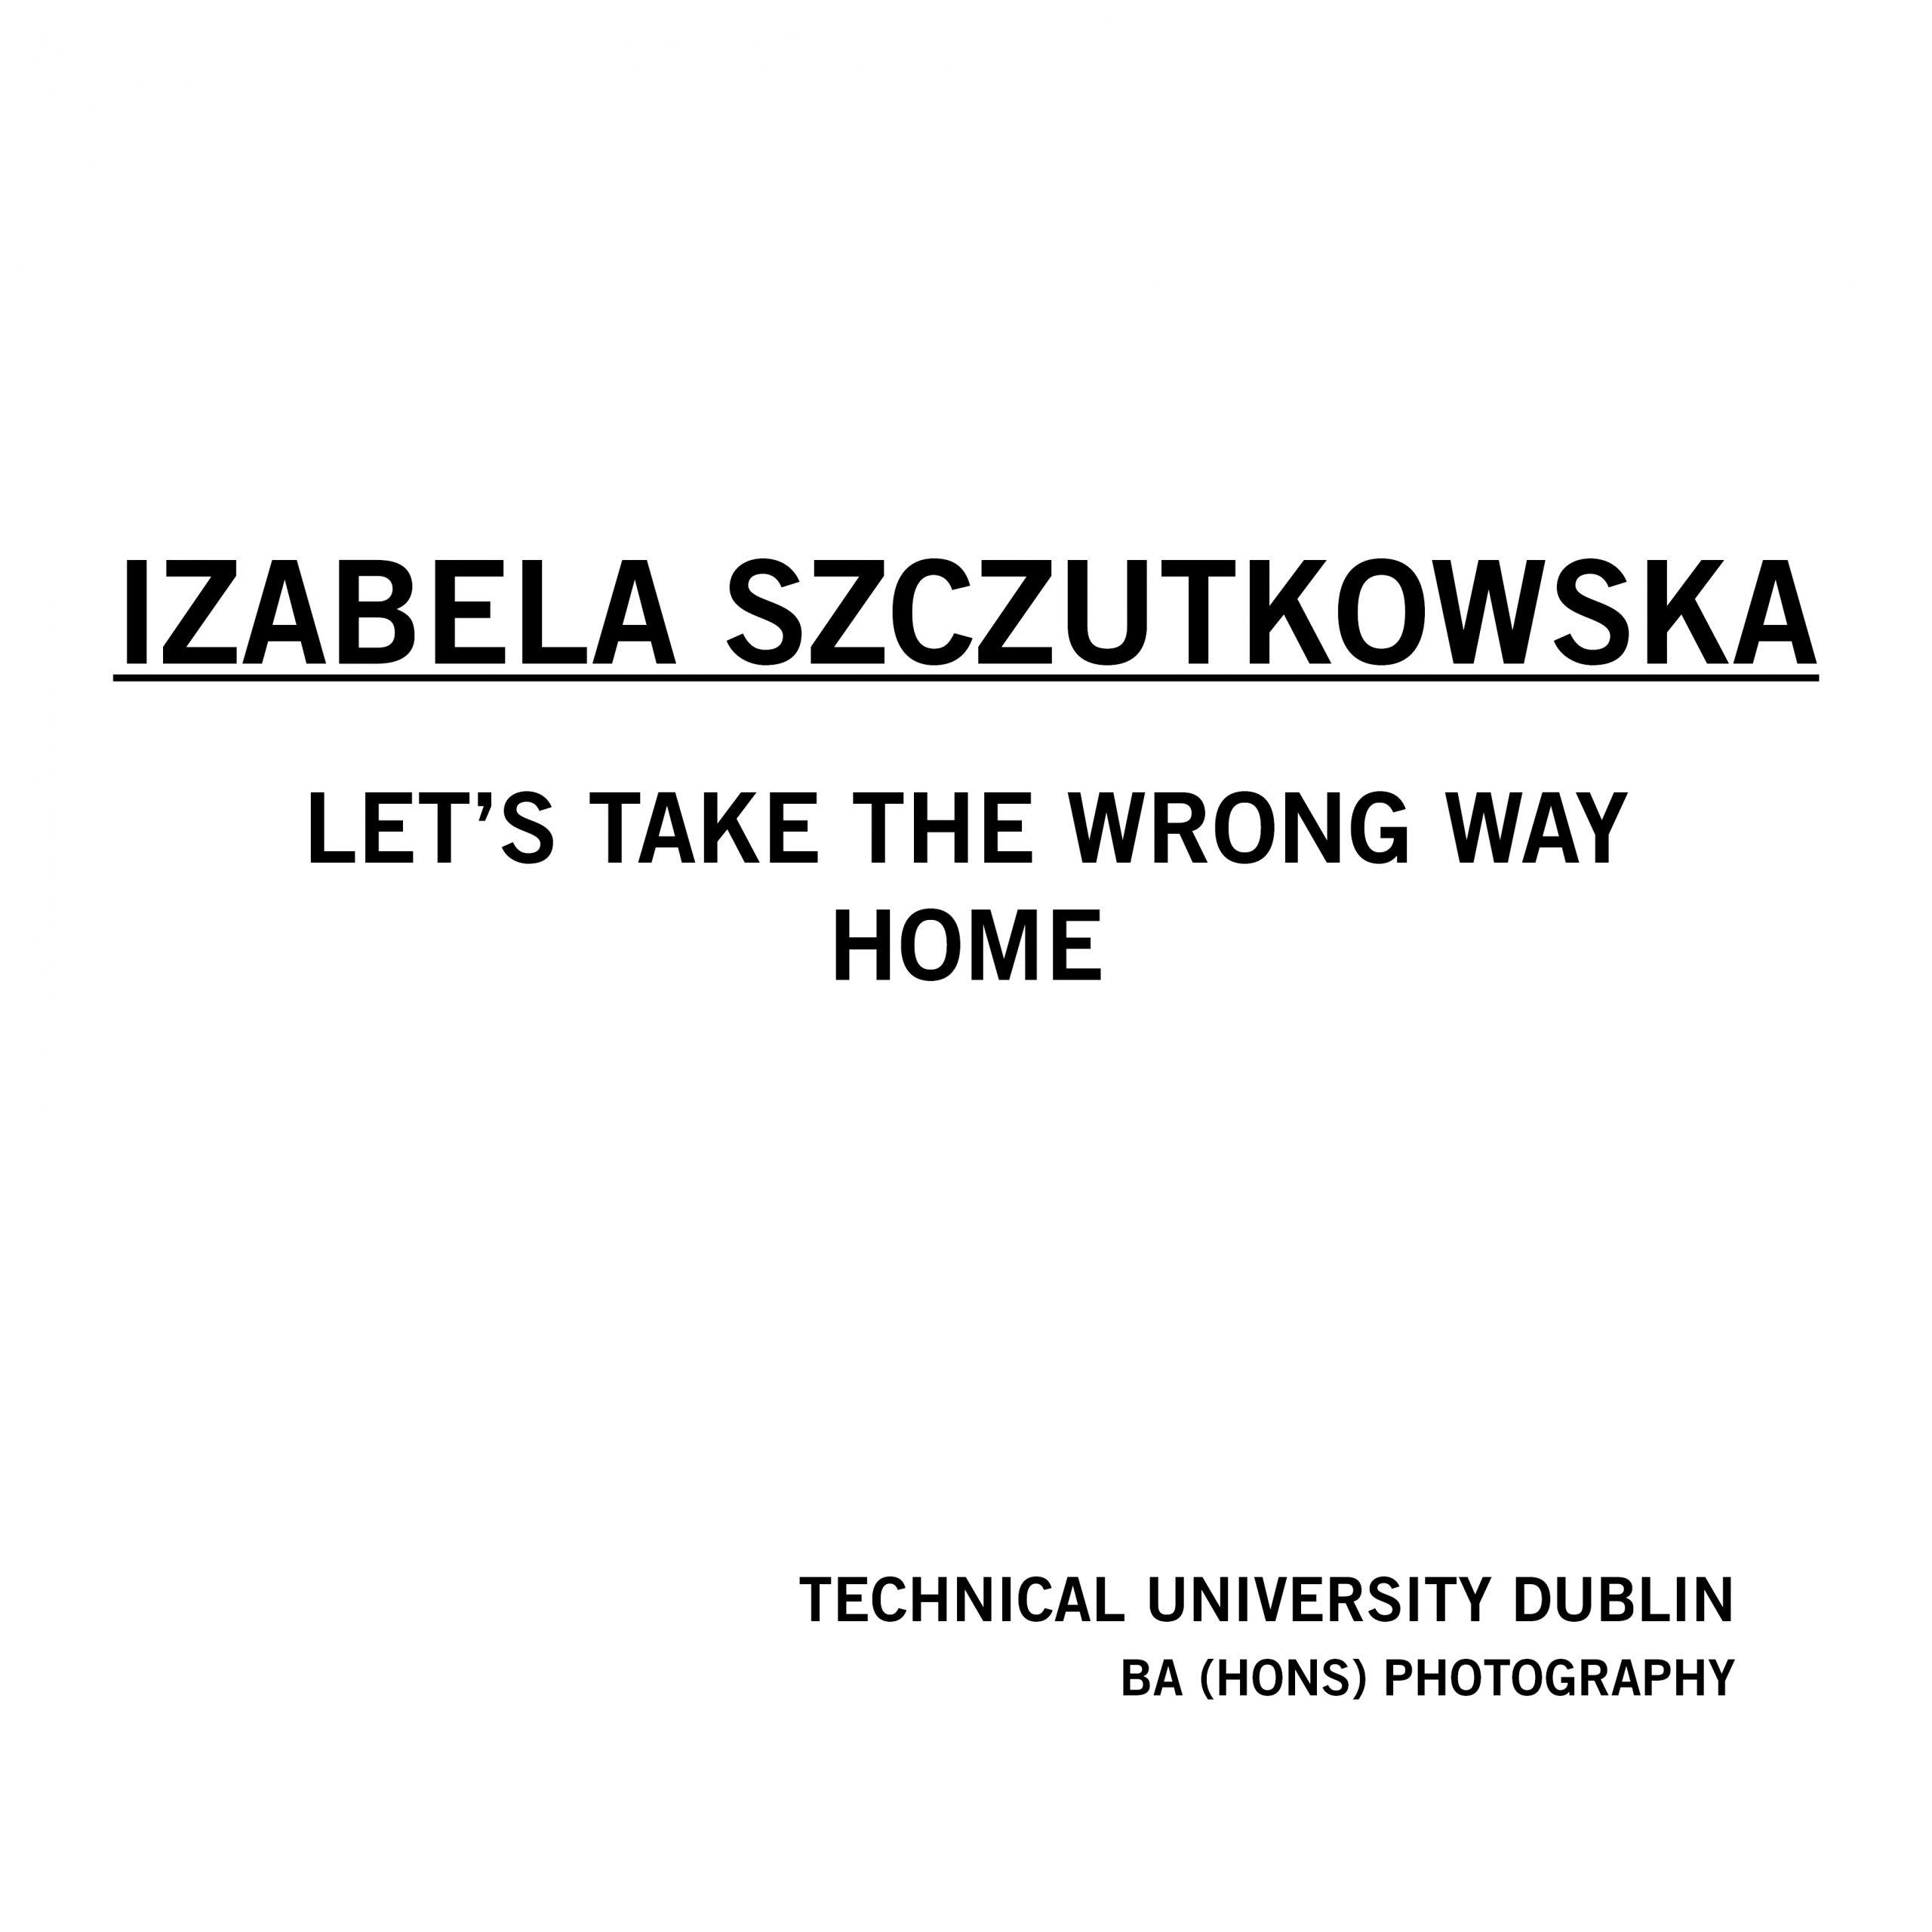 Izabela Szczutkowska - Let's Take the Wrong Way Home